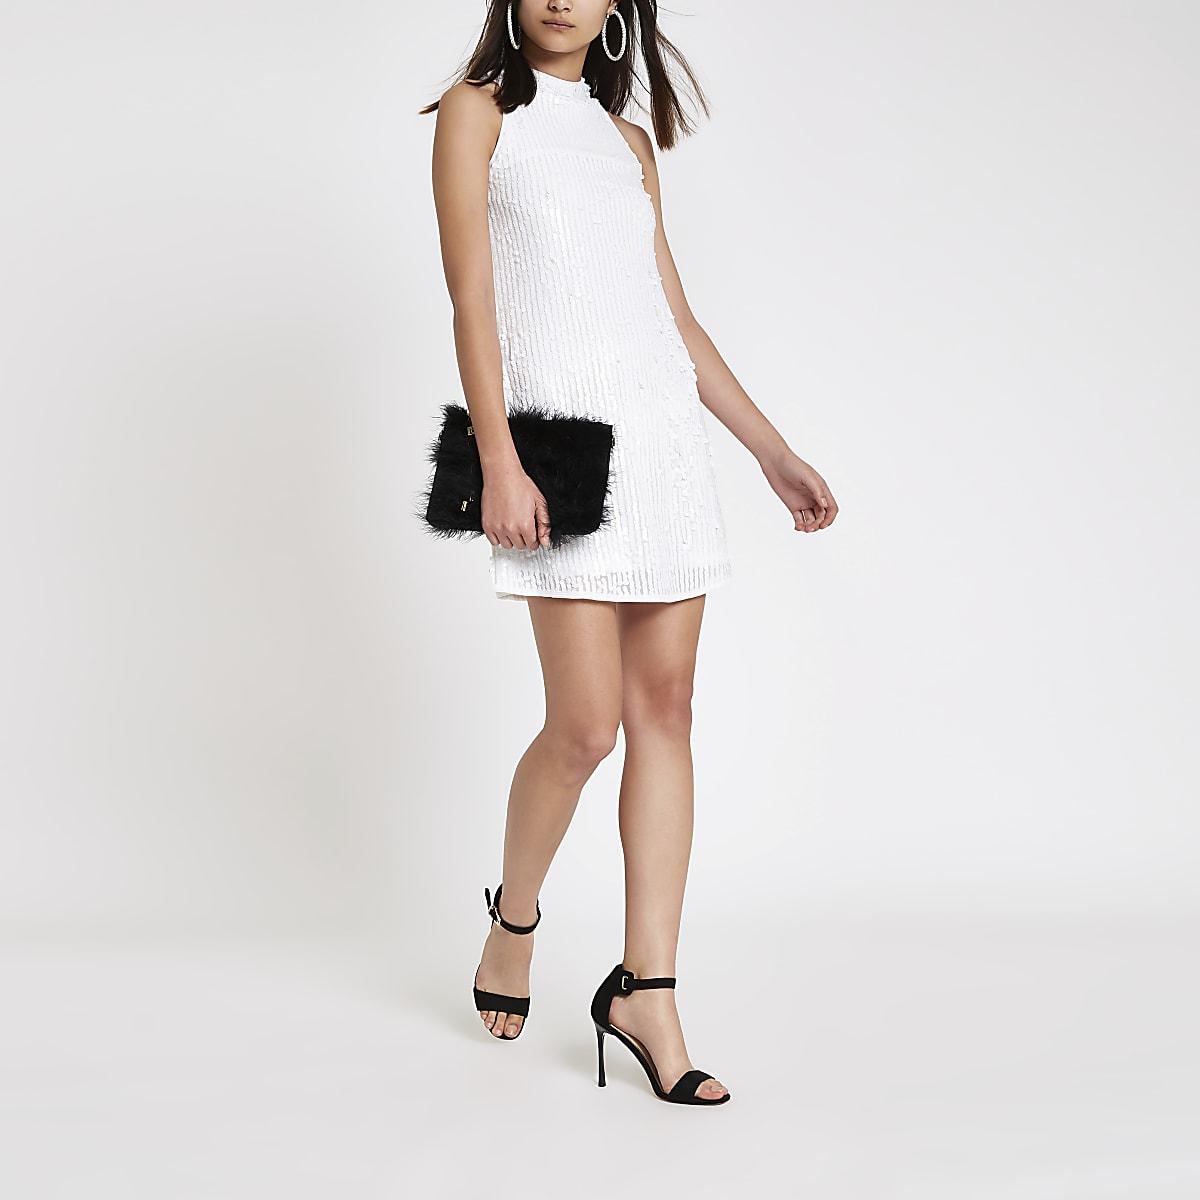 b7ef8acf93a White sequin sleeveless swing dress - Swing Dresses - Dresses - women